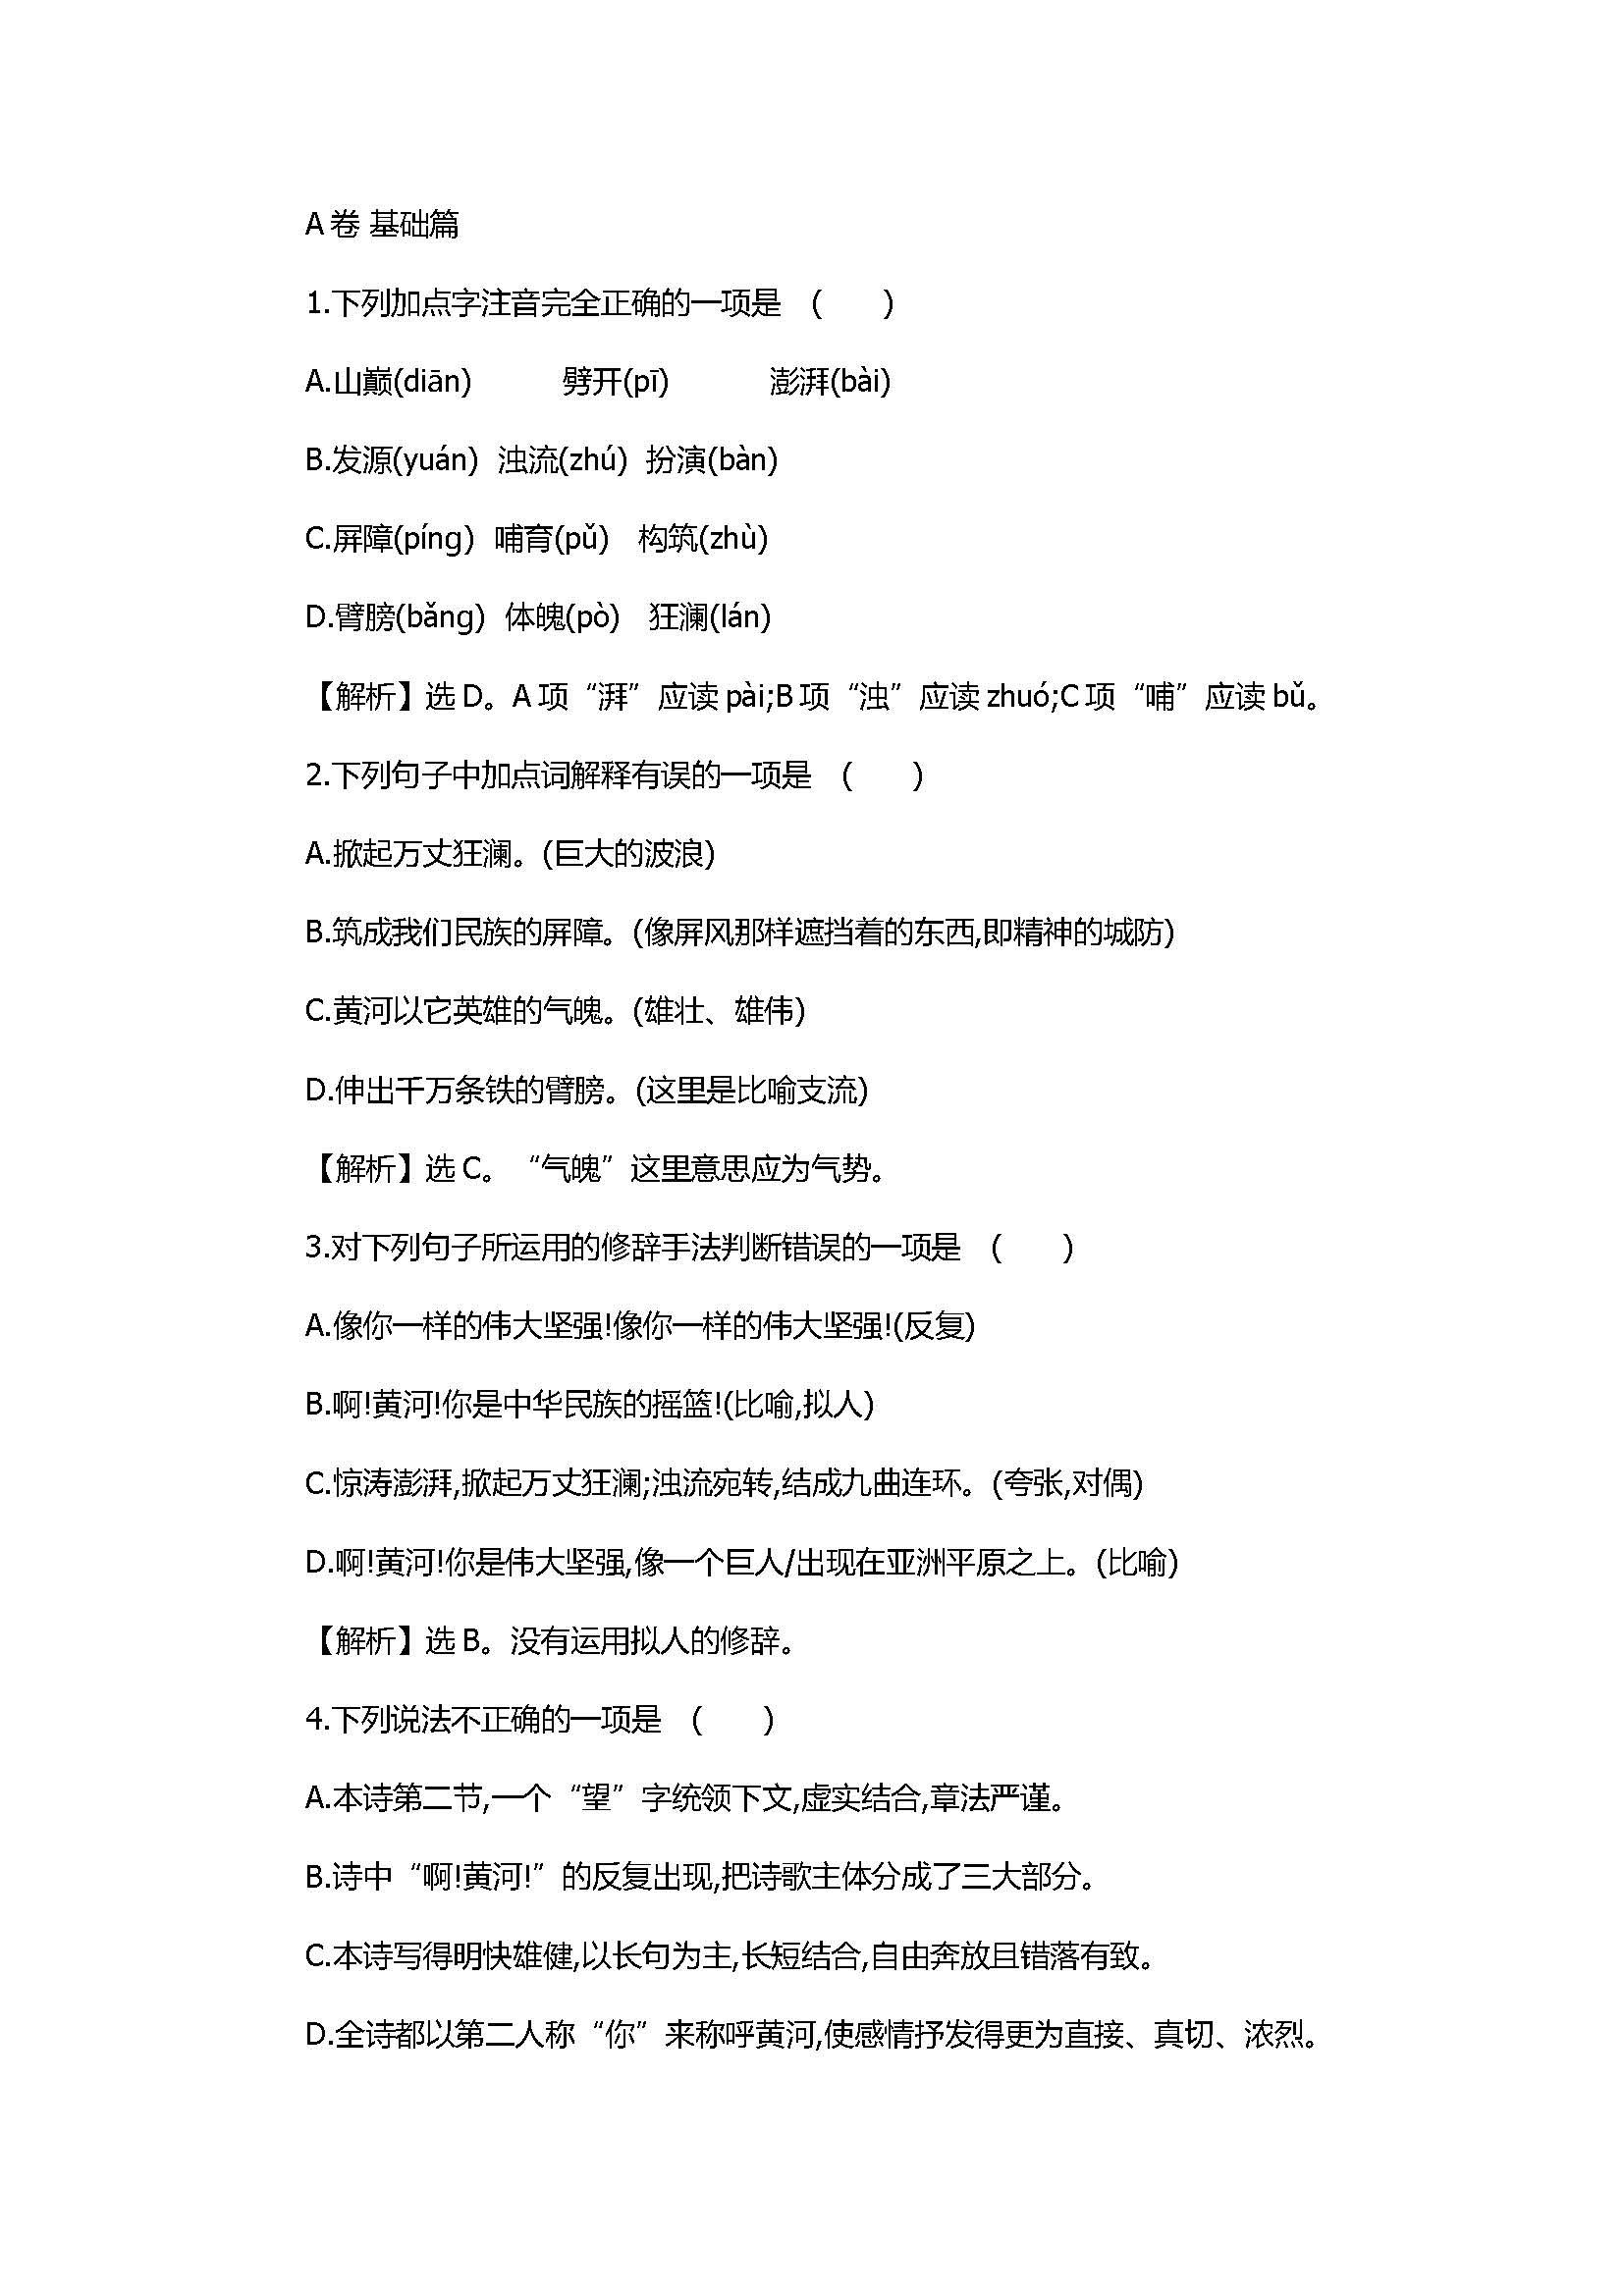 2017七年级语文下册《黄河颂》精编同步练习题含参考答案